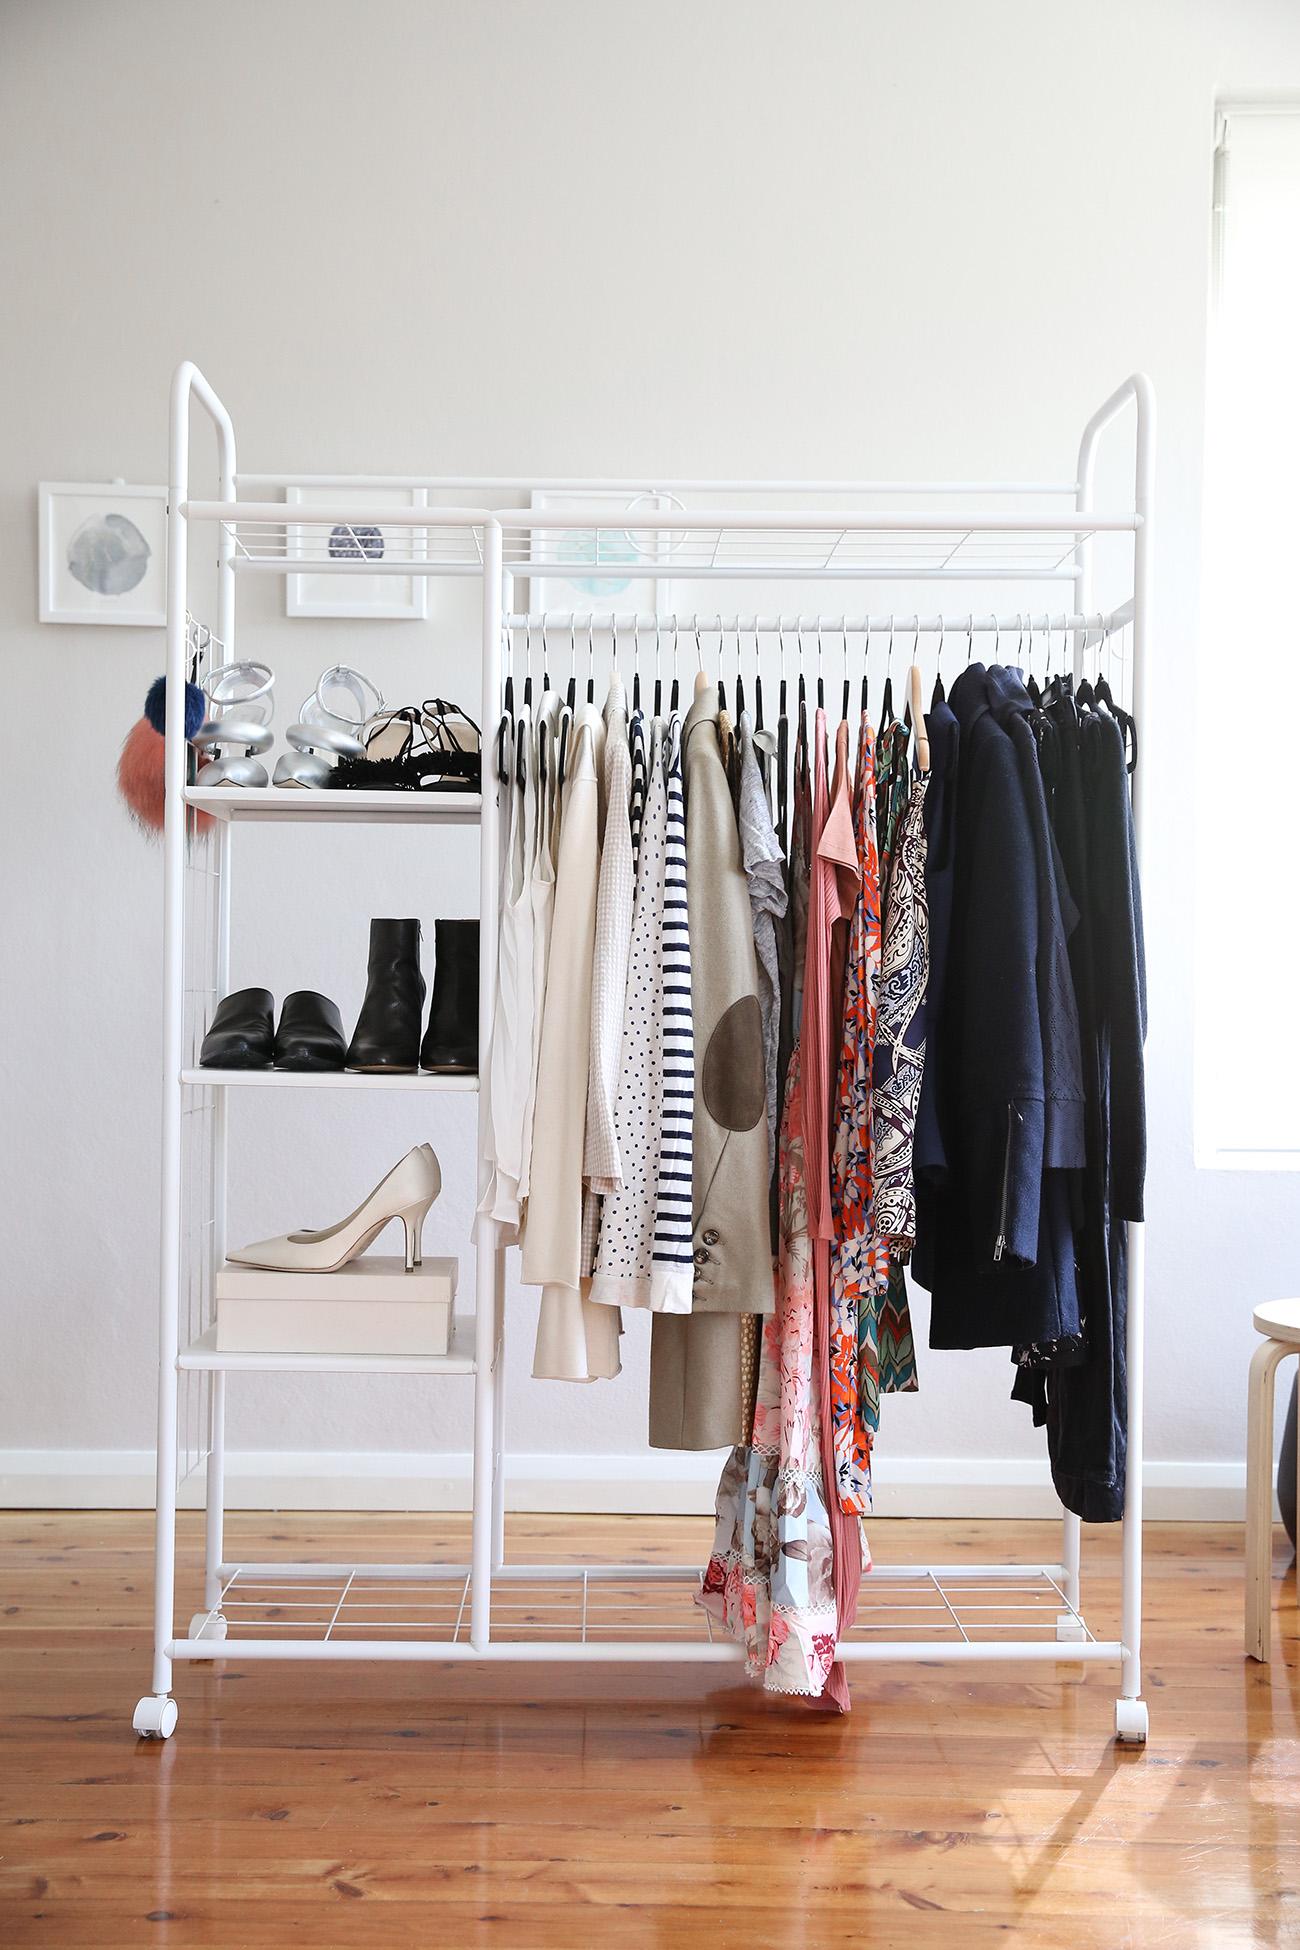 declutter wardrobe rehab cull minimalist minimal closet